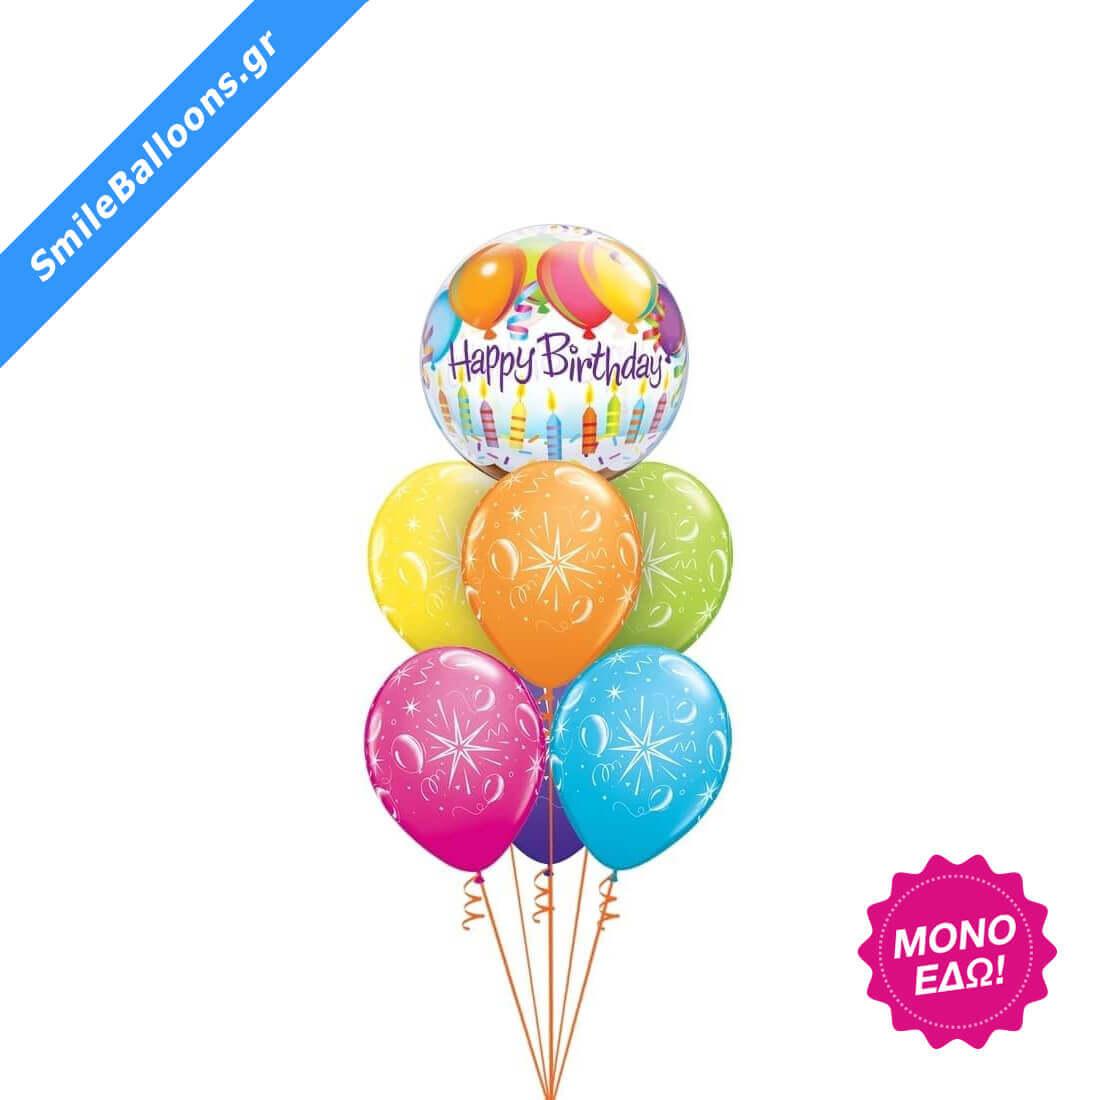 """Μπουκέτο μπαλονιών """"Birthday Cake & Balloons"""""""